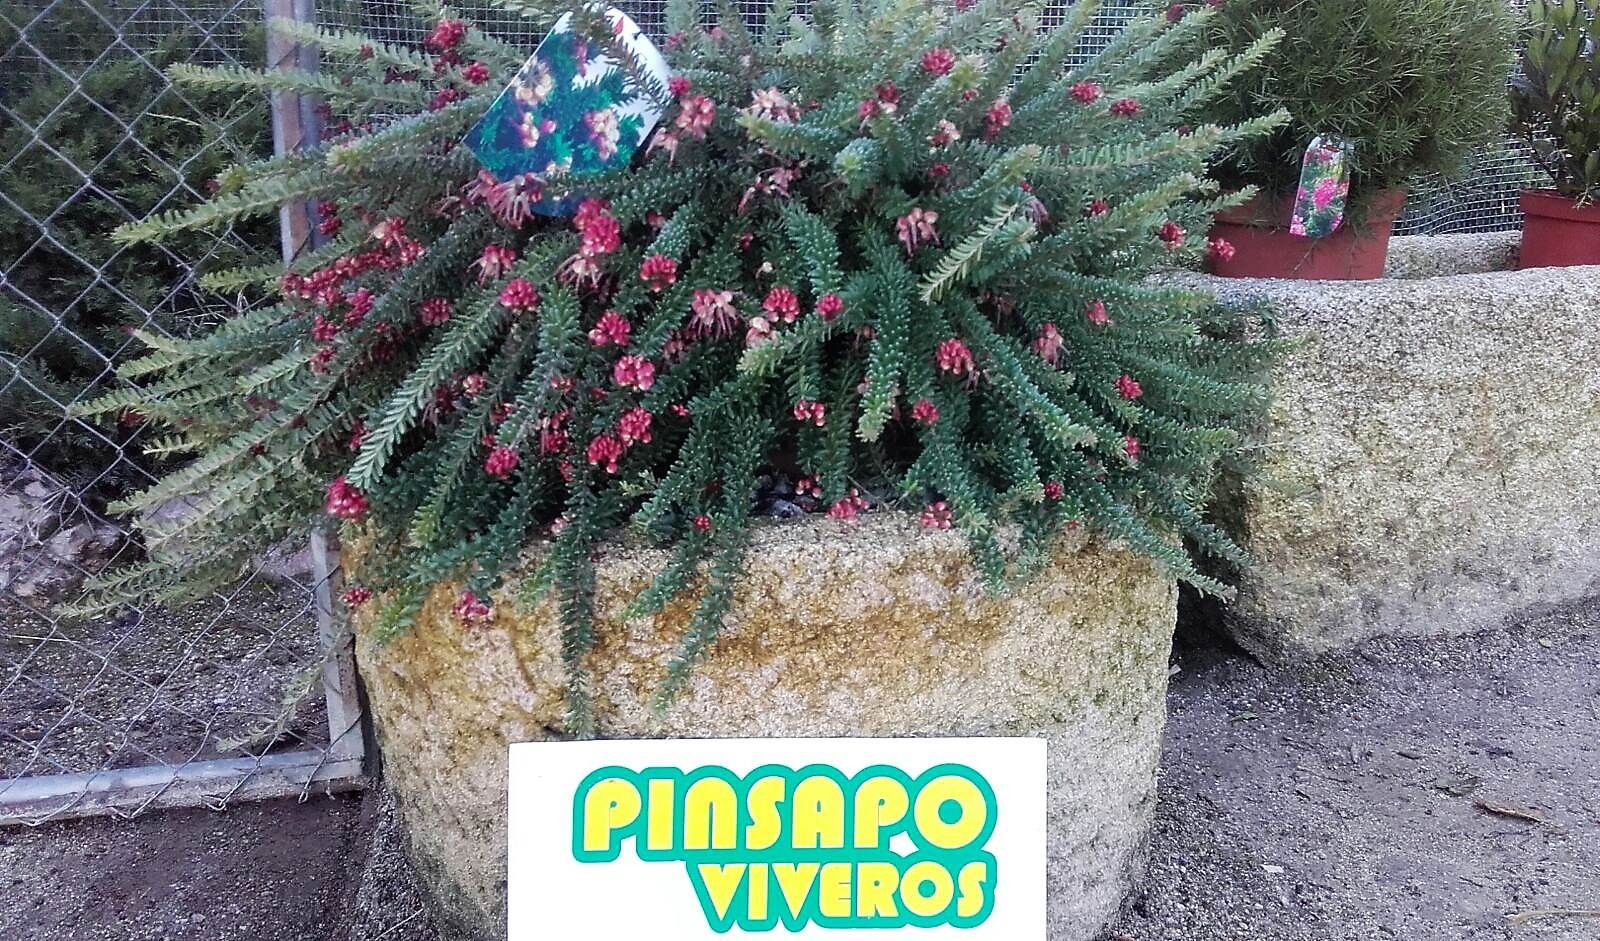 vivero Cáceres Pinsapo -Malpartida de Cáceres